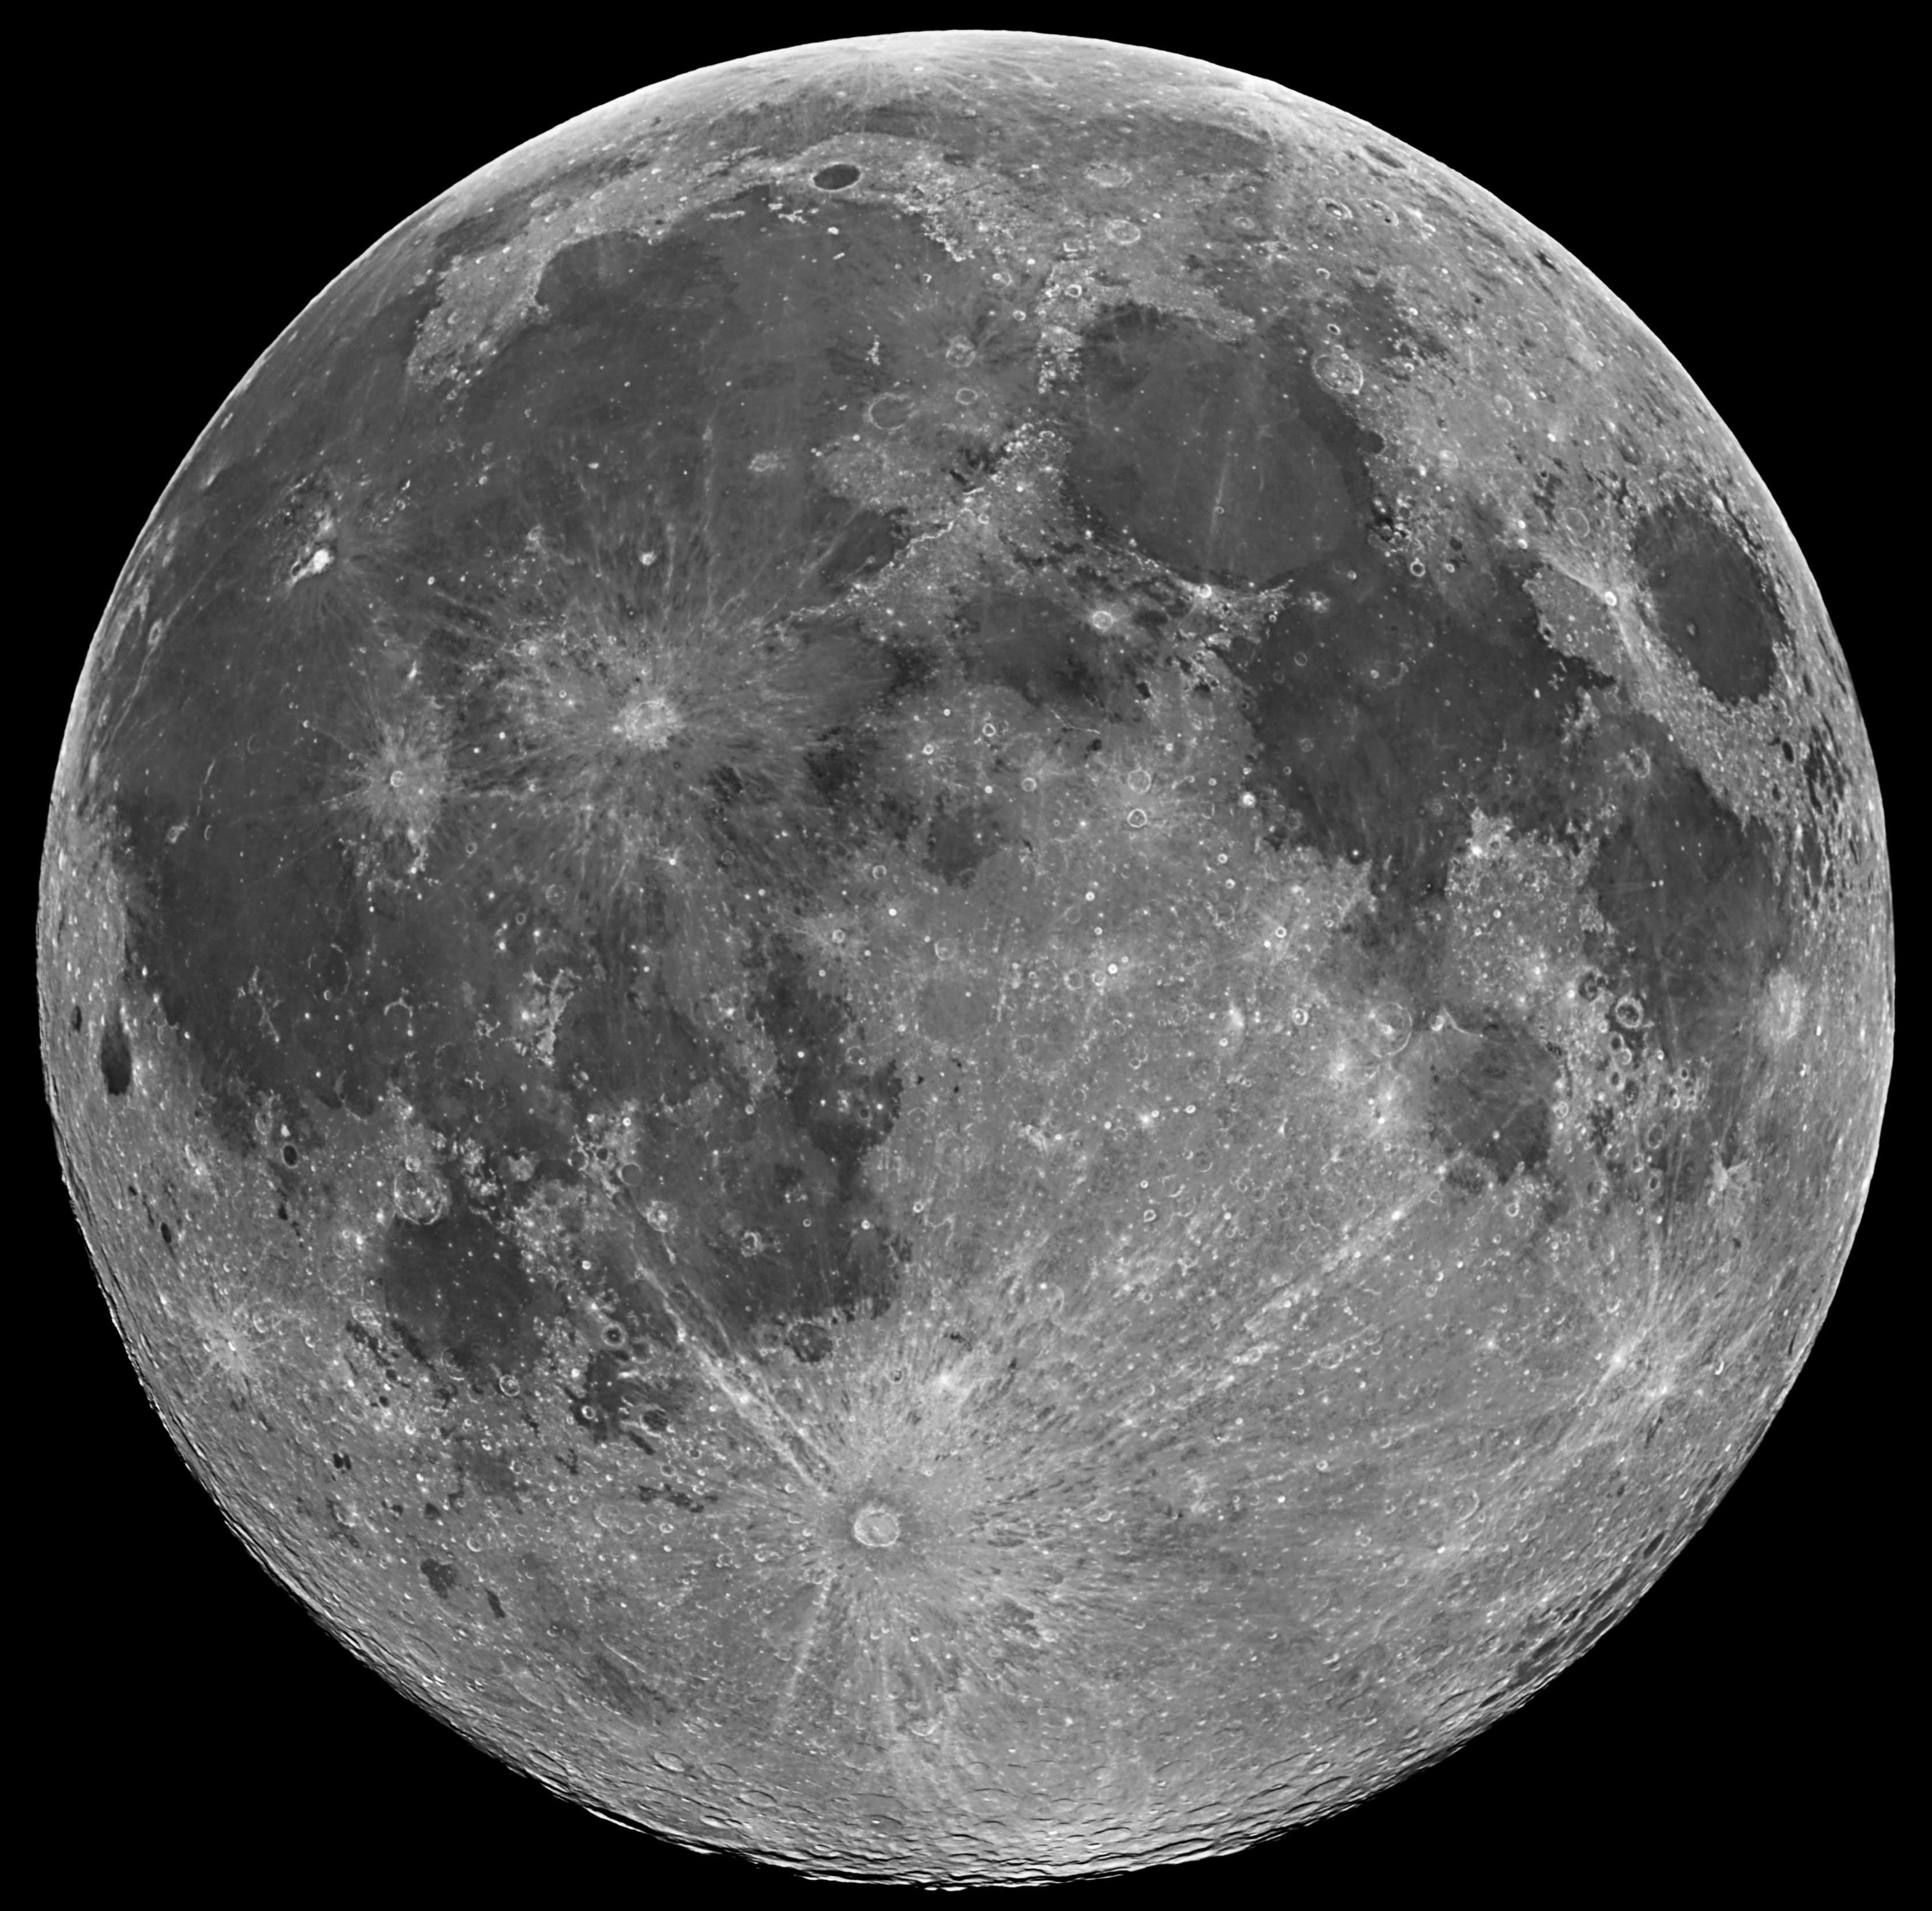 Full Moon: High Resolution Full Moon